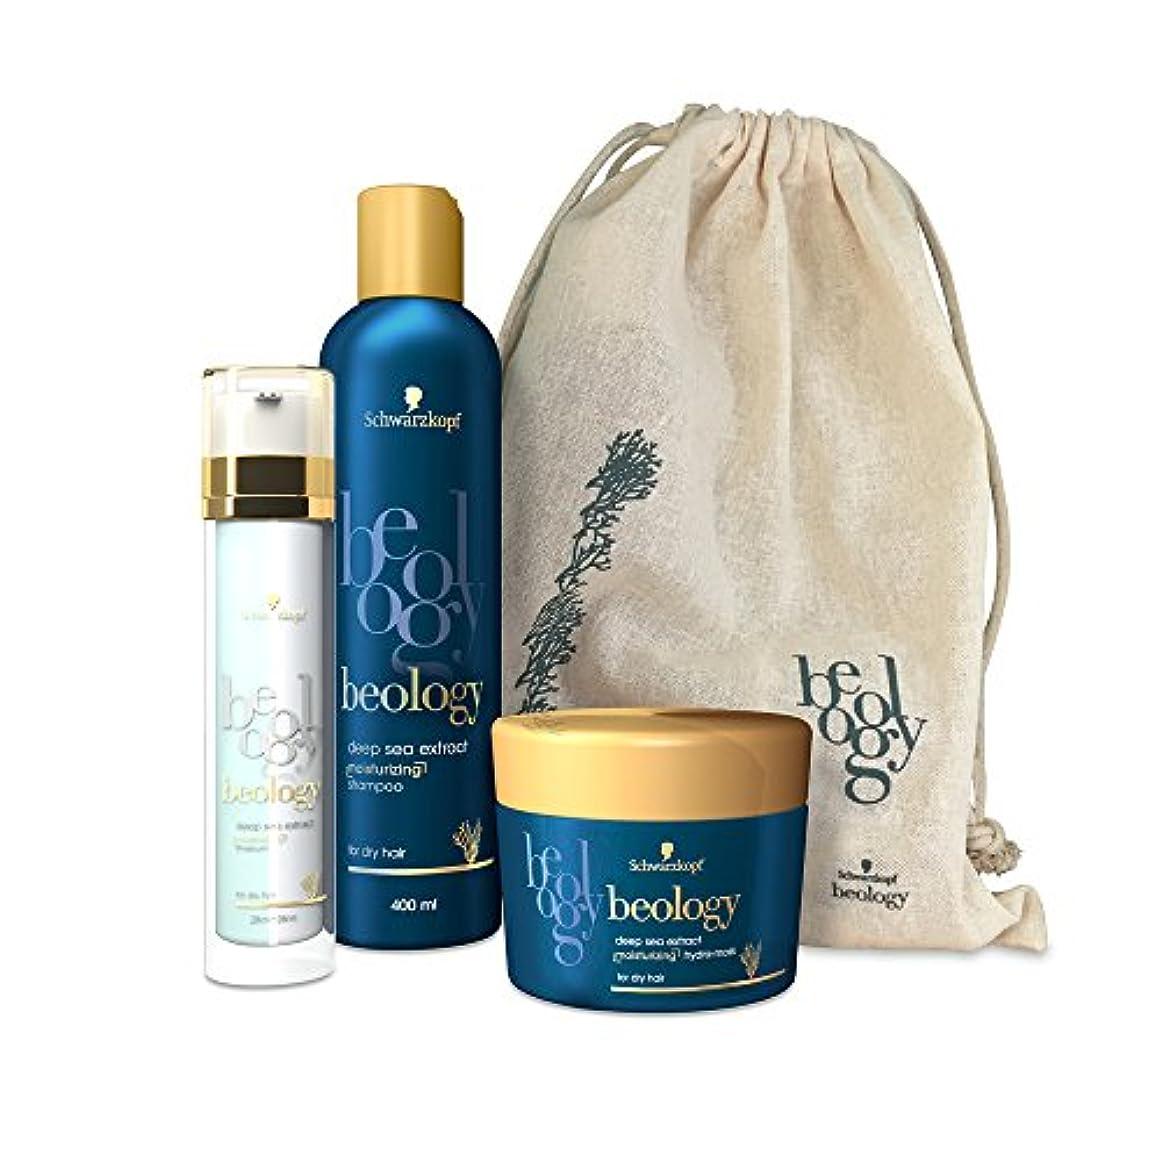 歩行者認知状況Beology - 3つの保湿製品のセット - バイセラム/シャンプー/マスク - ヘアケア用ディスカバリーバッグ